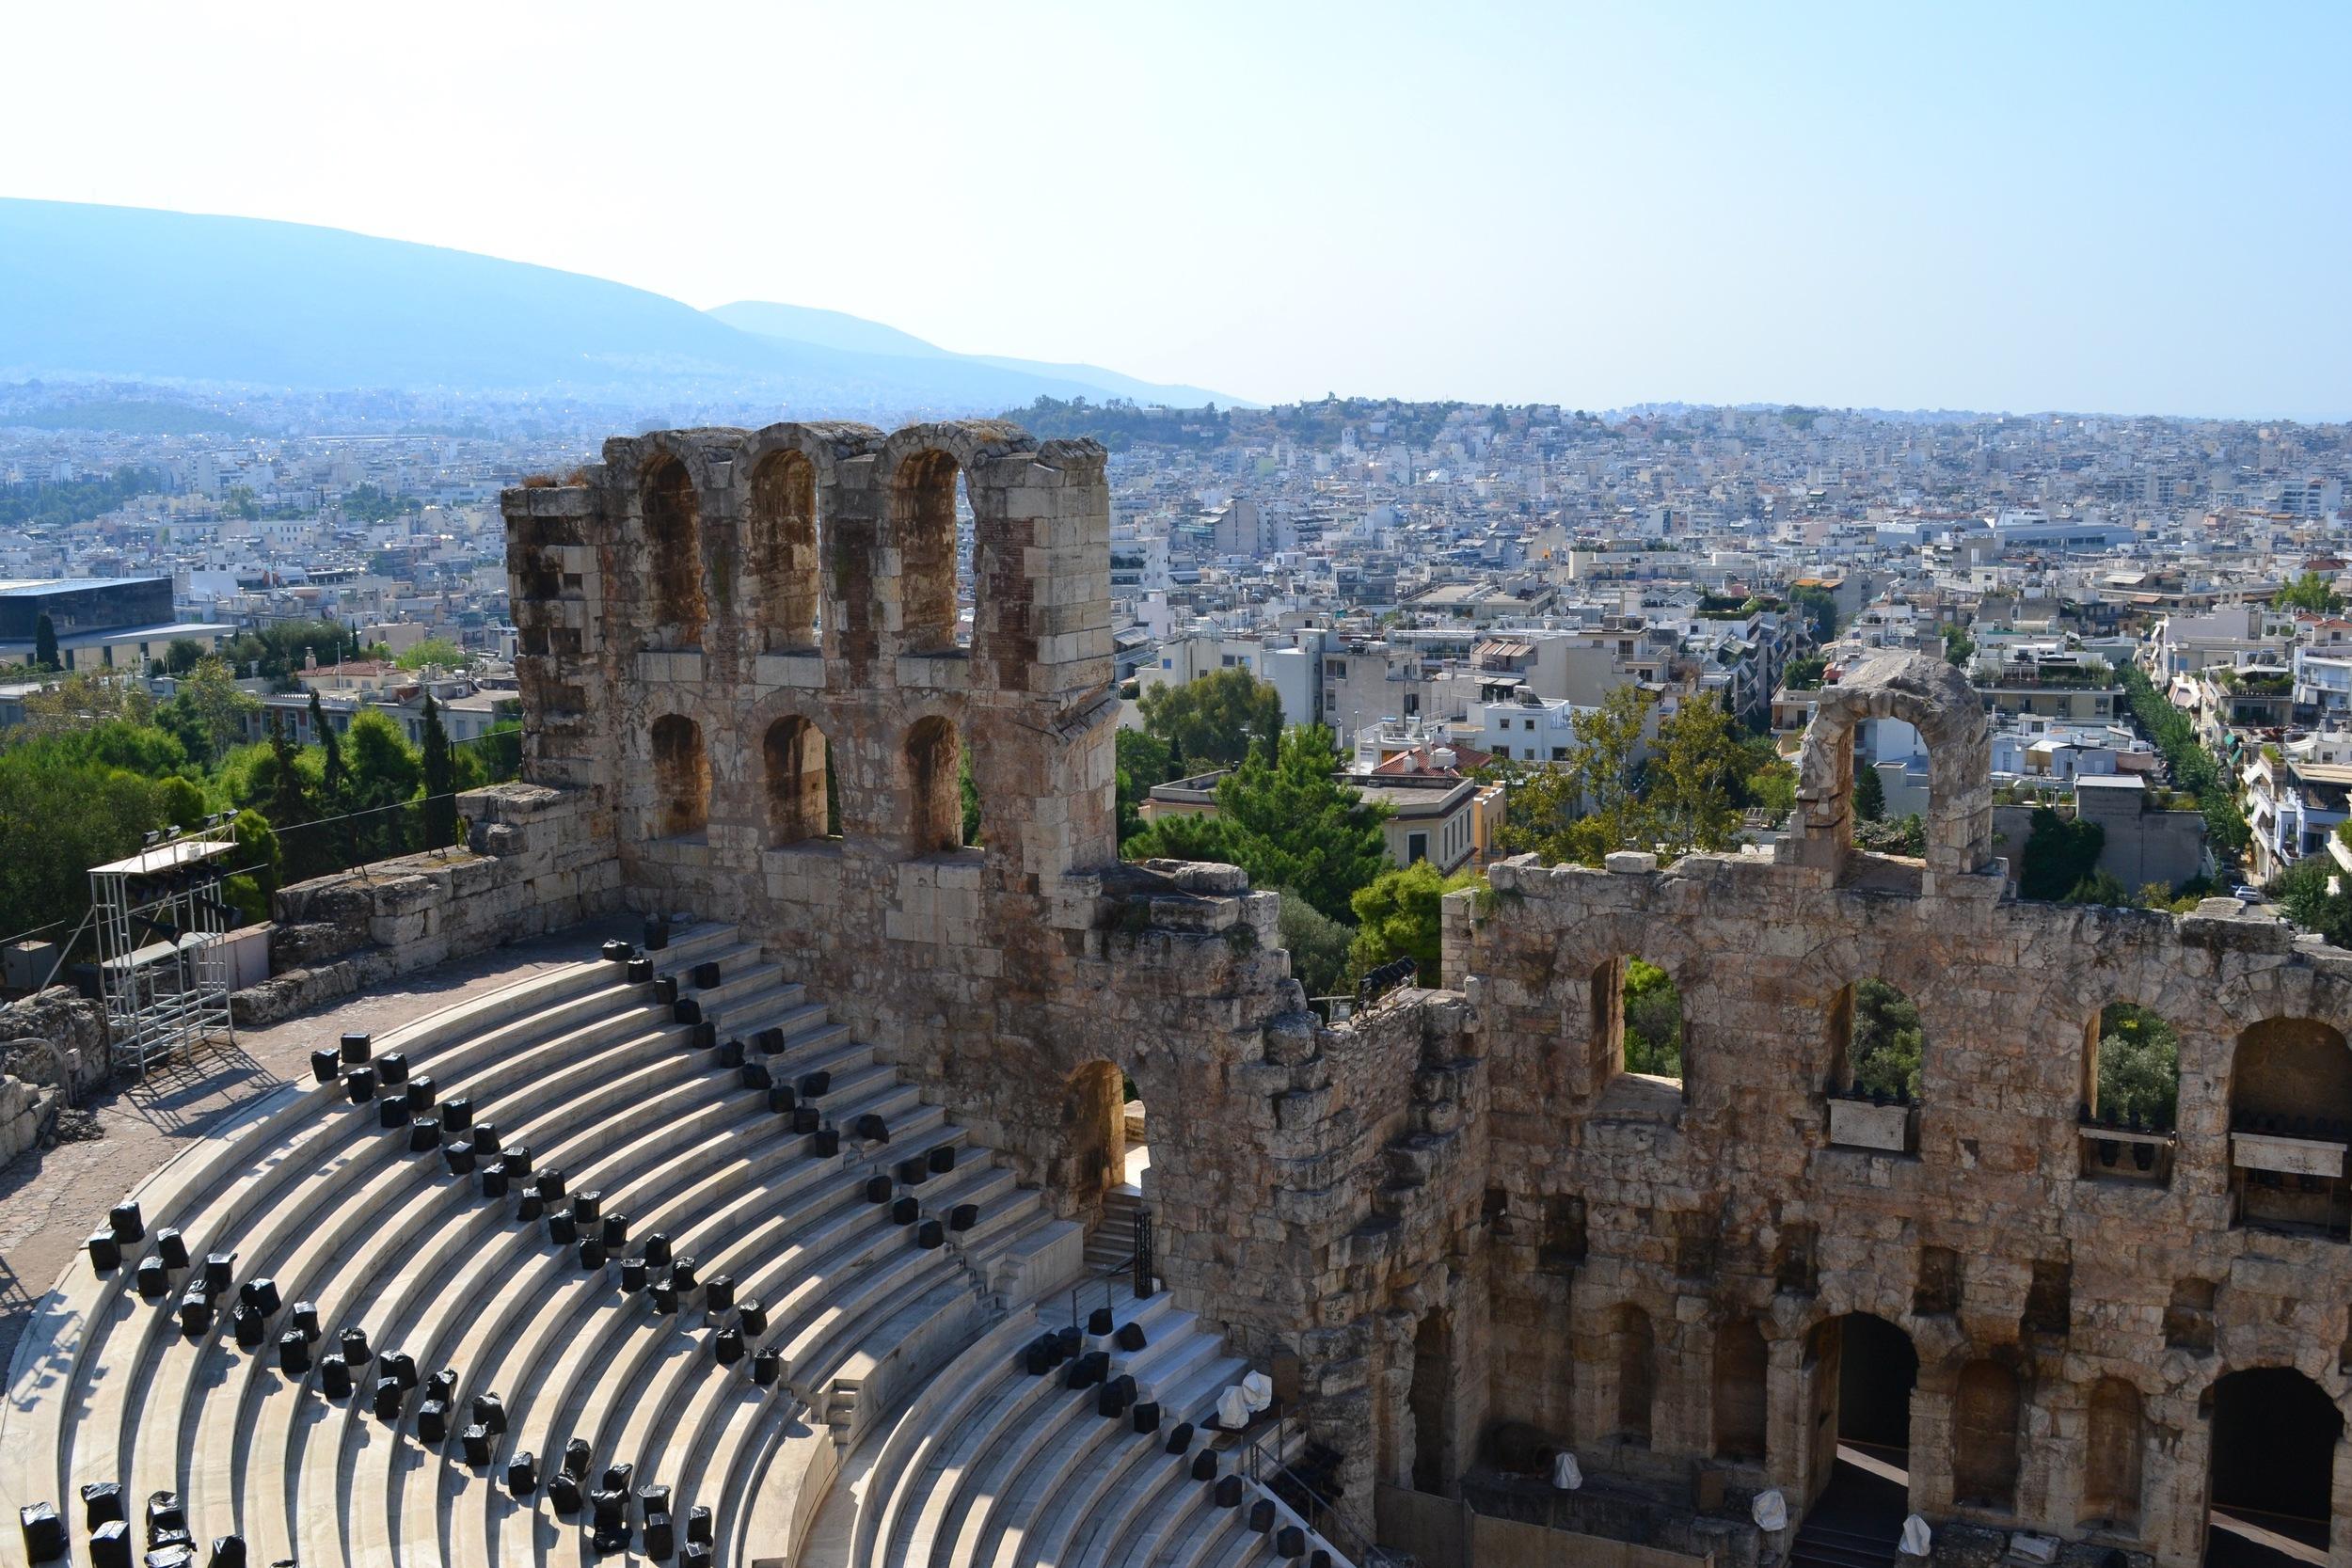 Odeon of Herodes Atticus (Theatre)